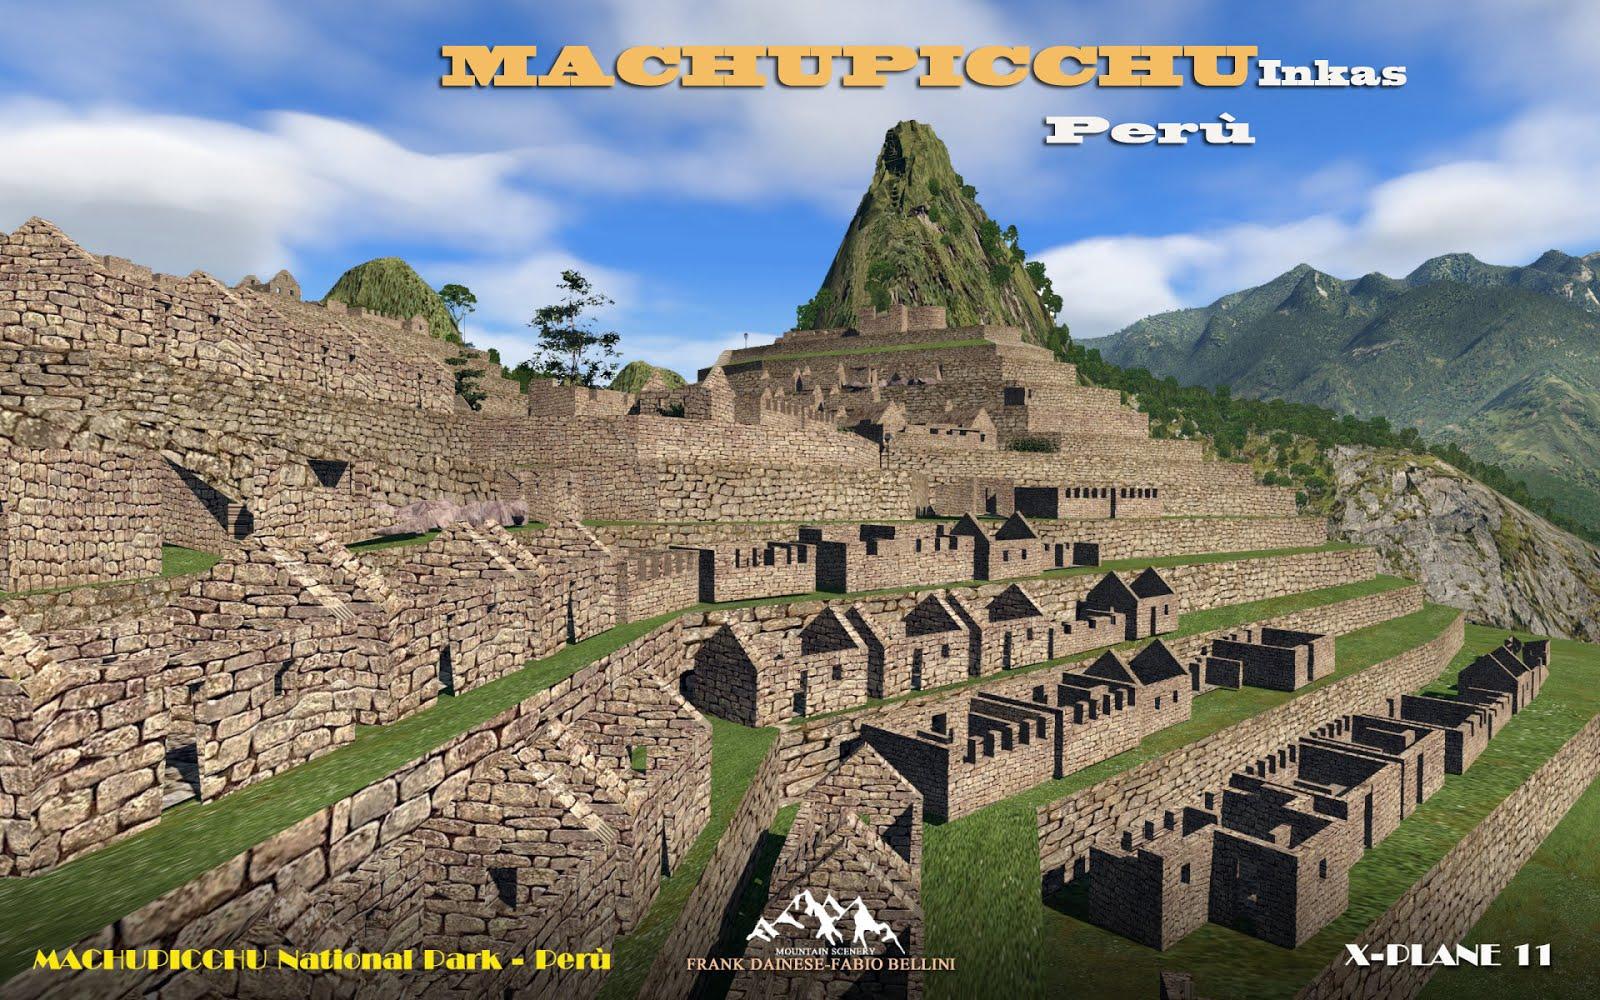 Machupicchu National Park